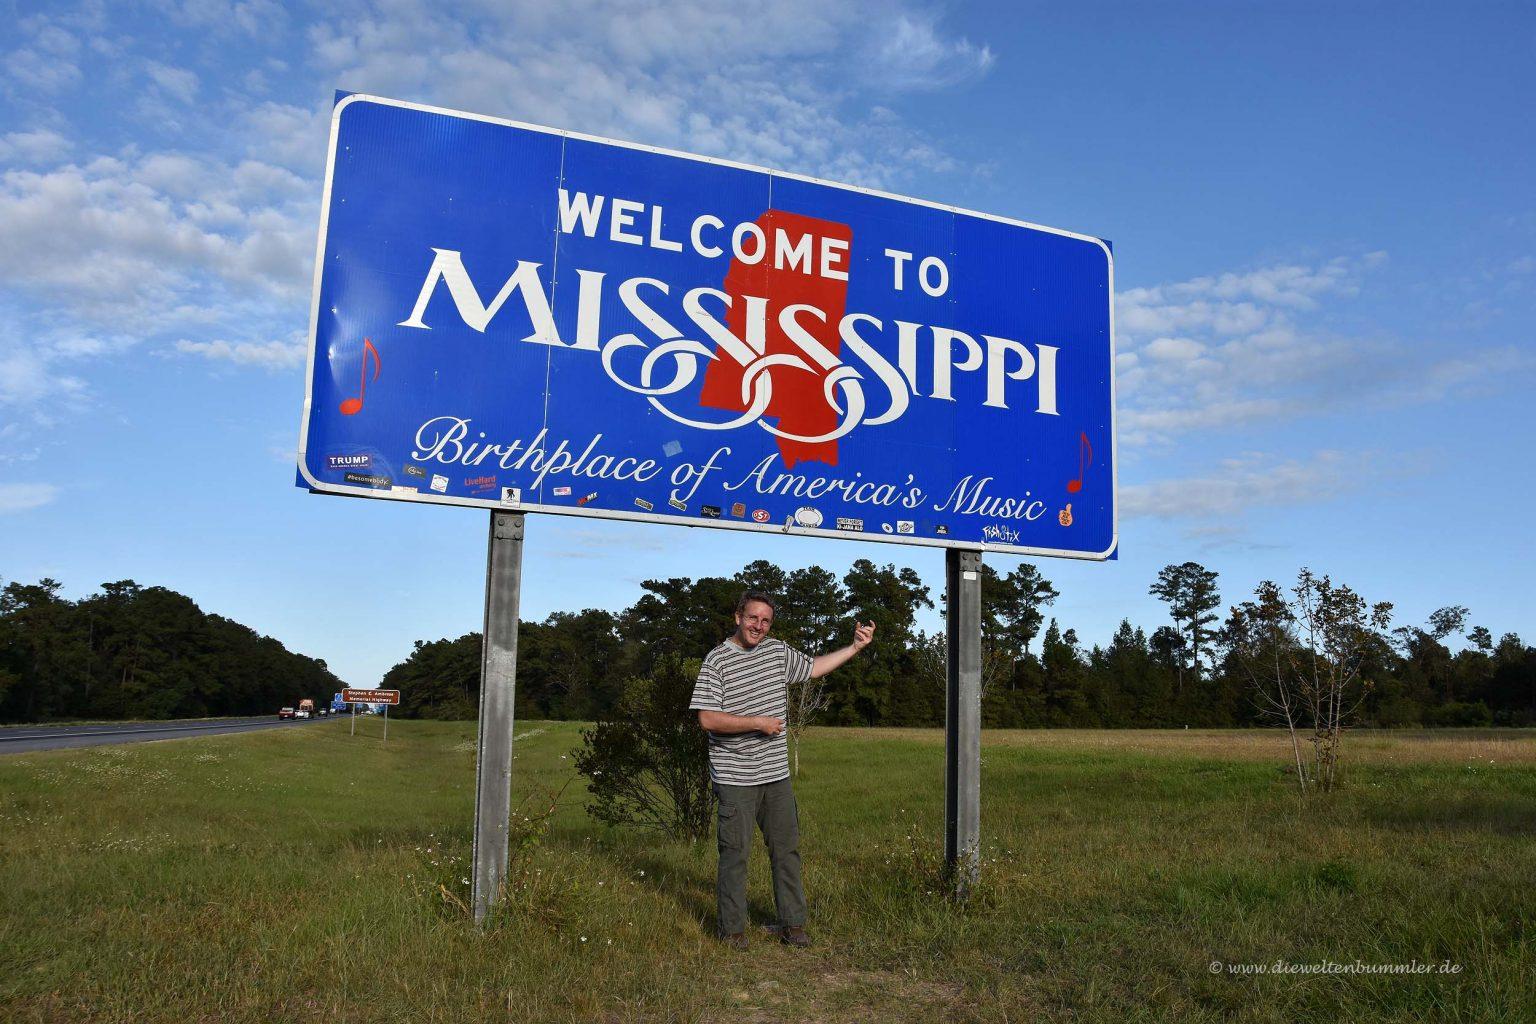 Luftgitarre in Mississippi